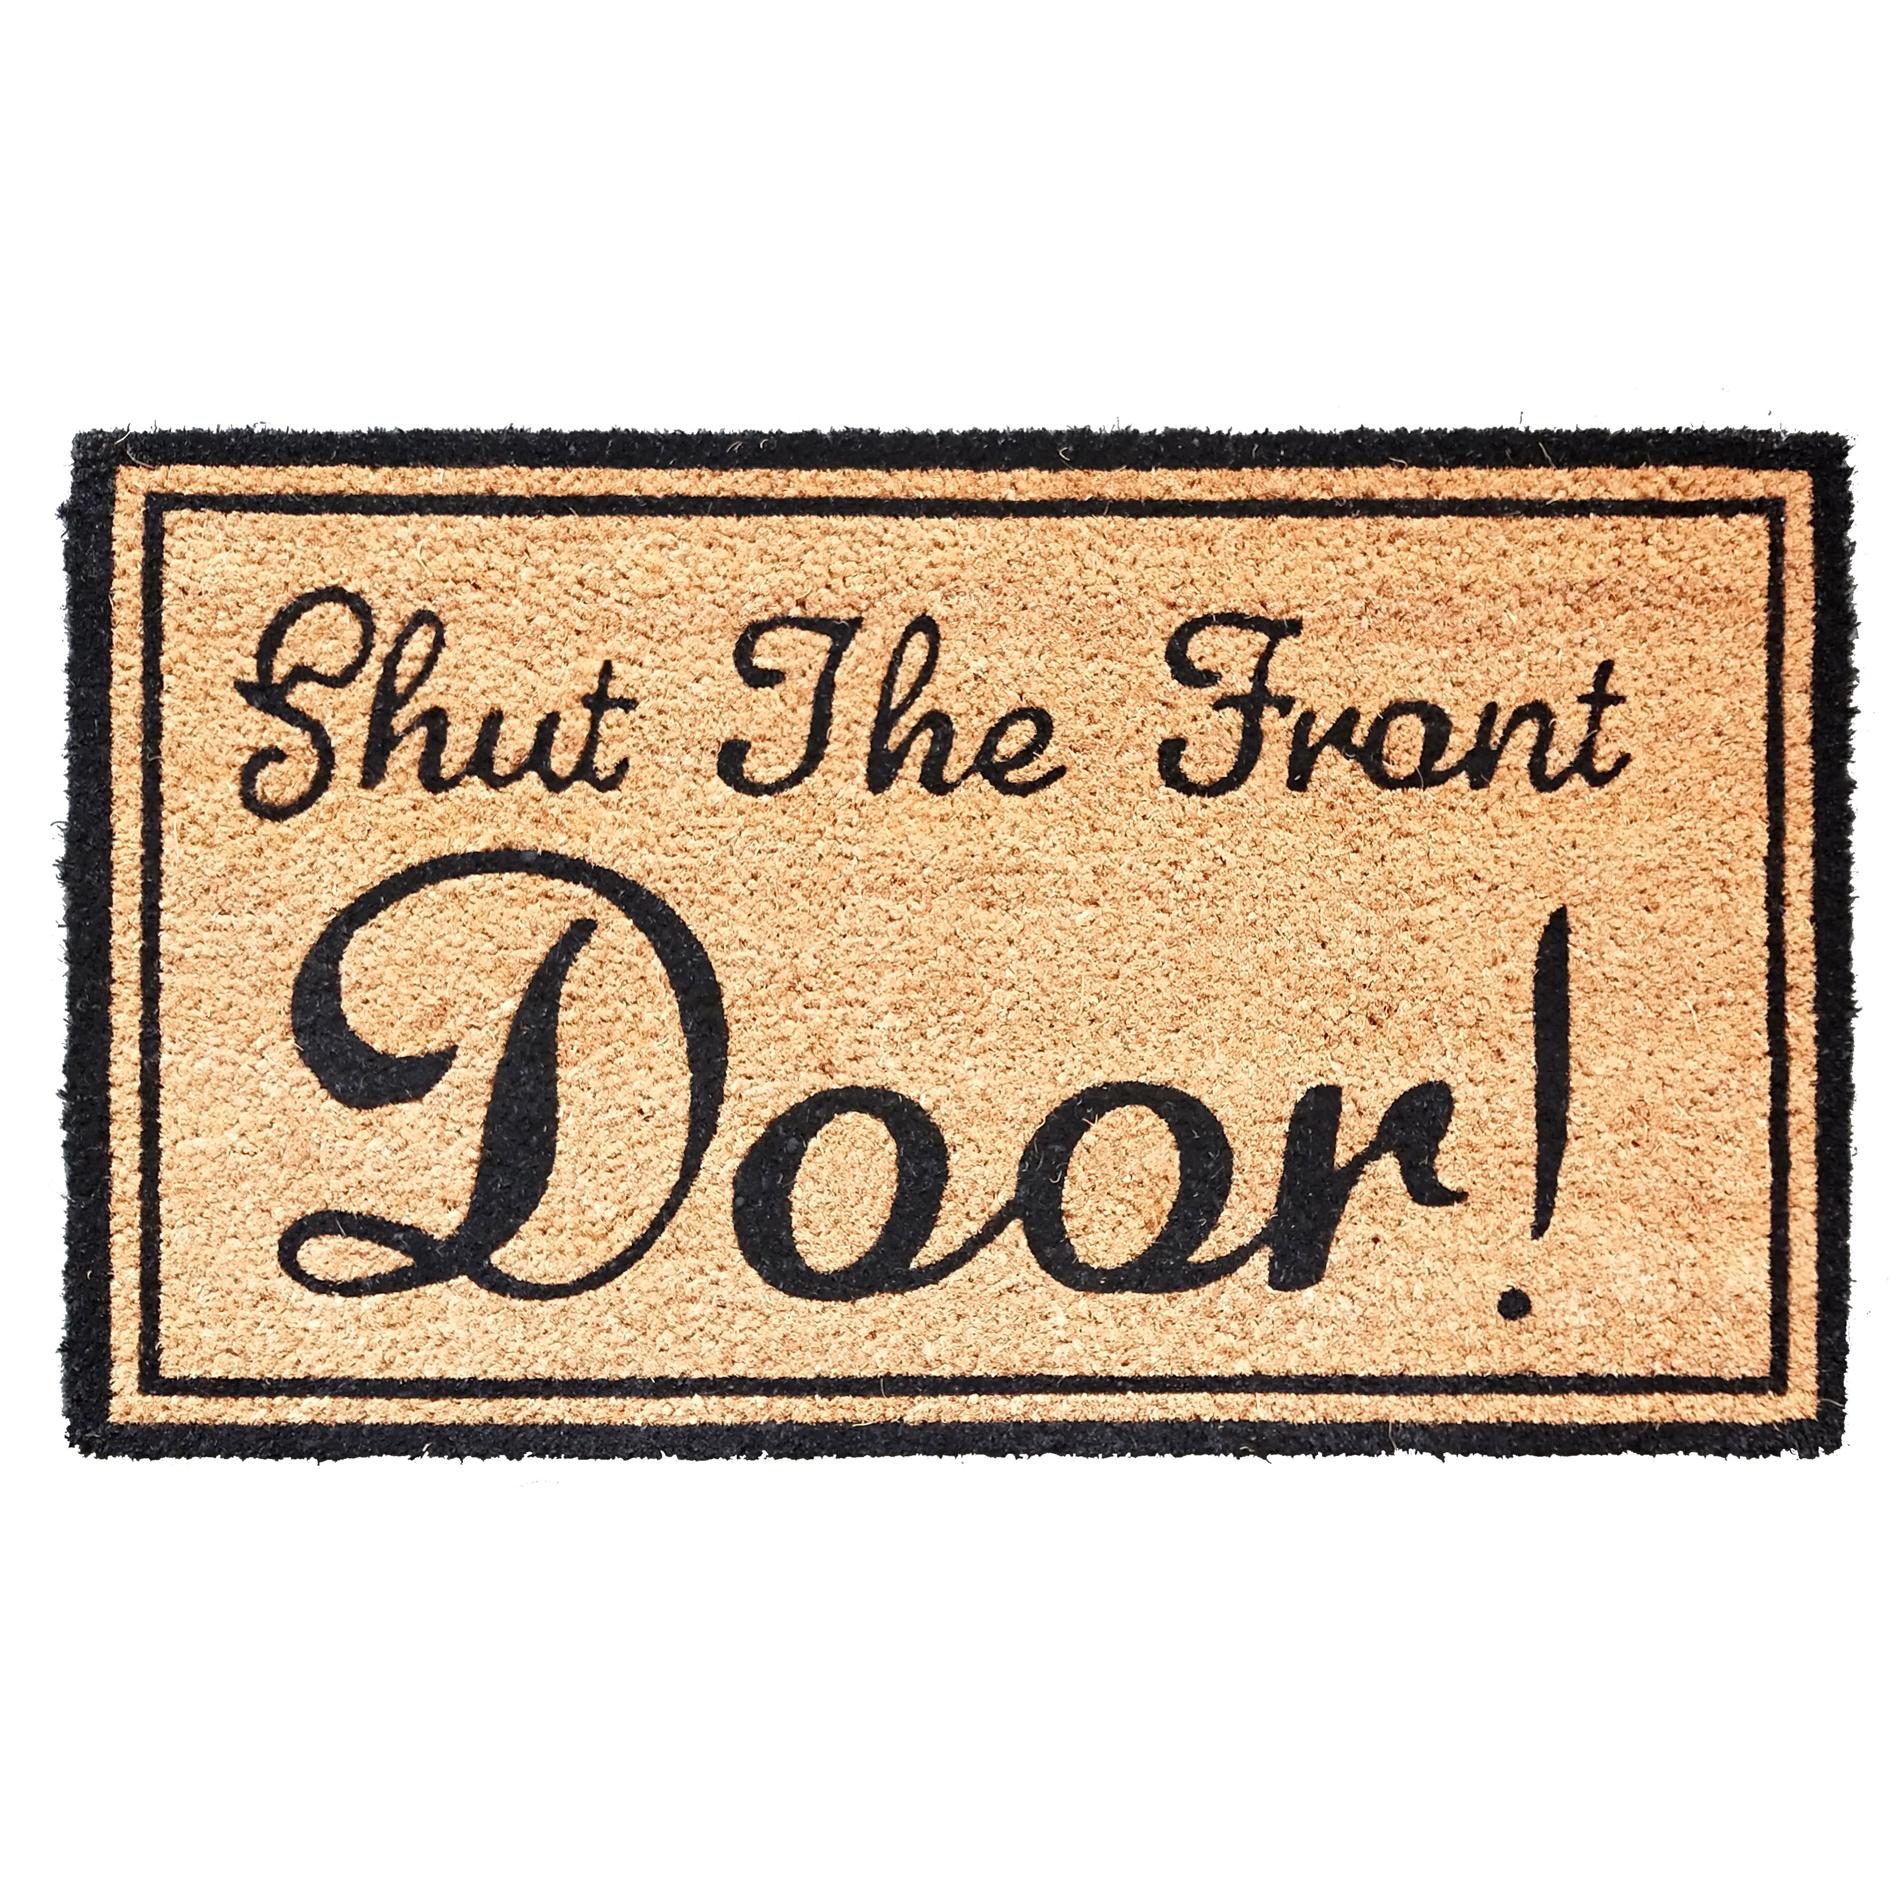 Image of Allure Shut The Front Door Mat - 1.5 x 2.5